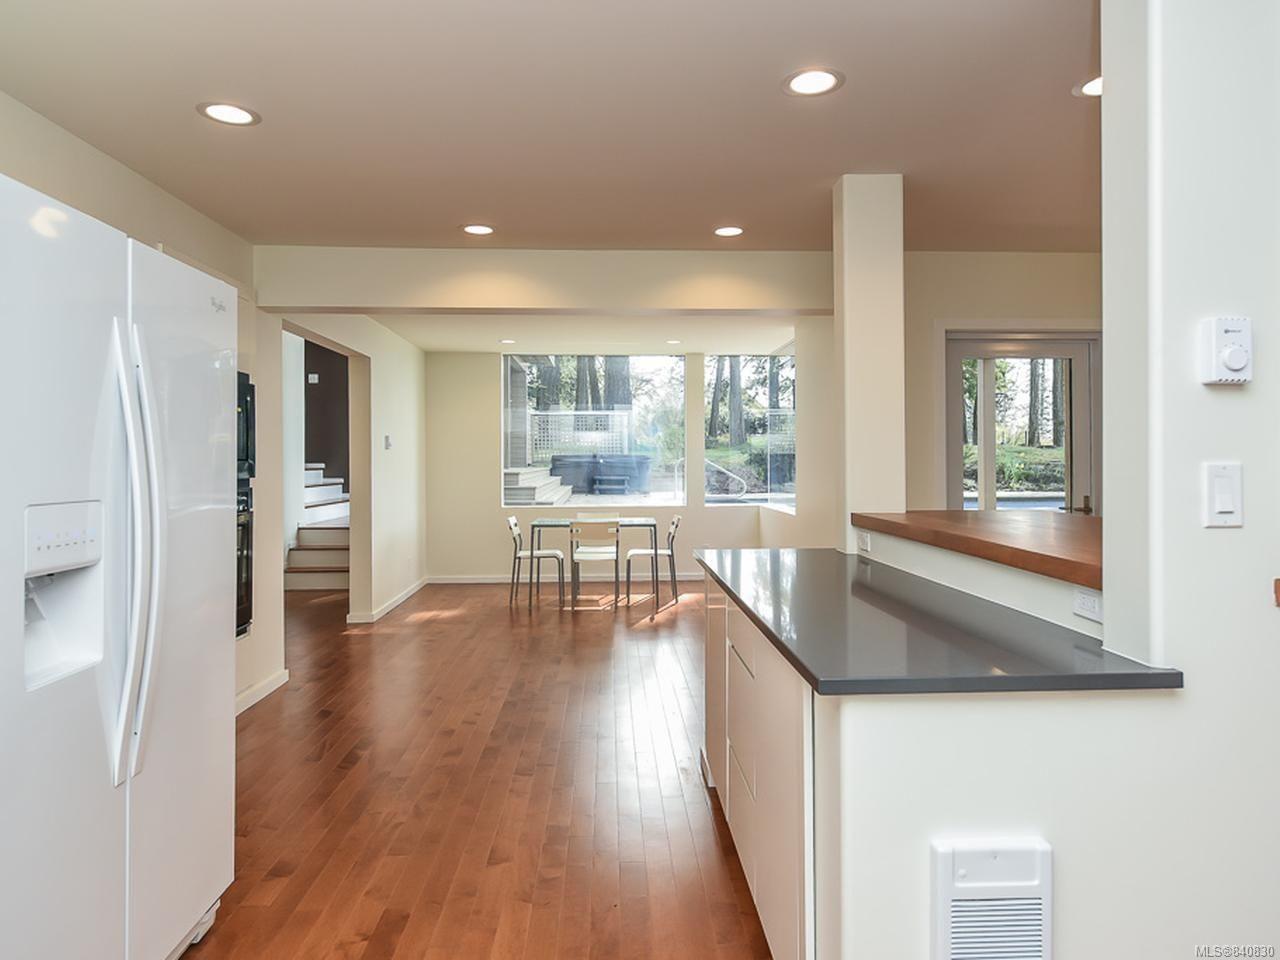 Photo 16: Photos: 1156 Moore Rd in COMOX: CV Comox Peninsula House for sale (Comox Valley)  : MLS®# 840830